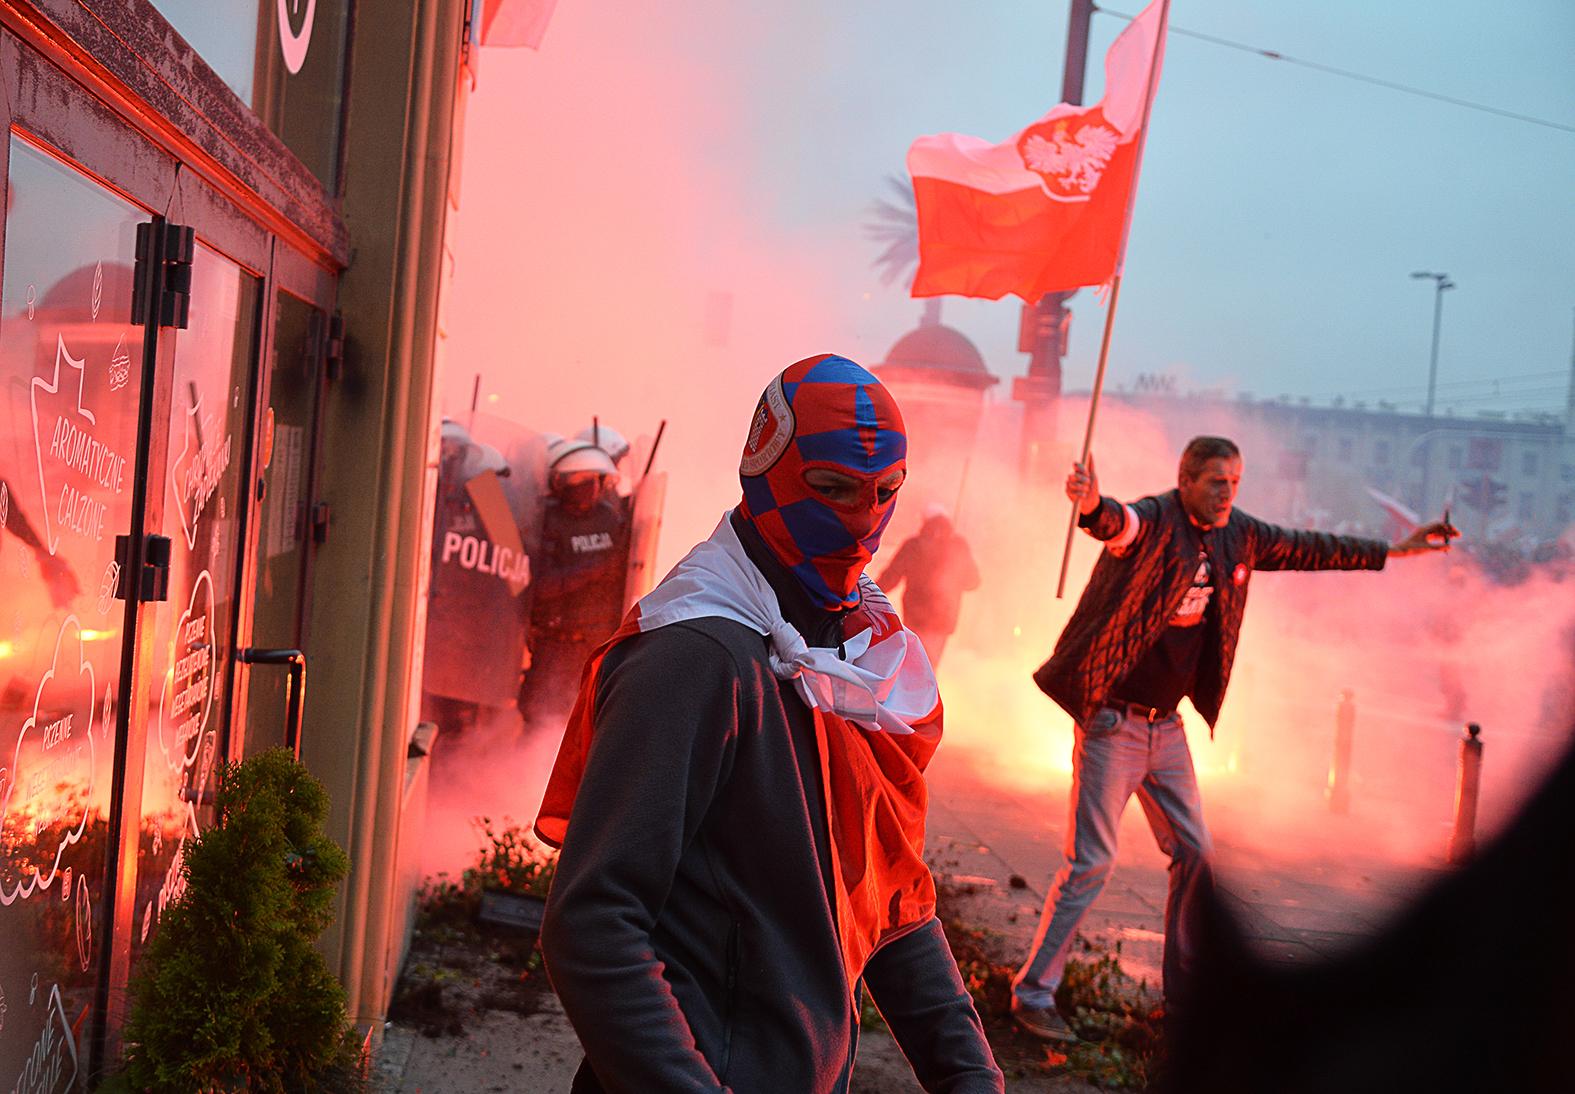 Lengyel radikálisok demonstrálciója Varsóban a Lengyel Függetlenség Napján 2020. november 11-én #moszkvater